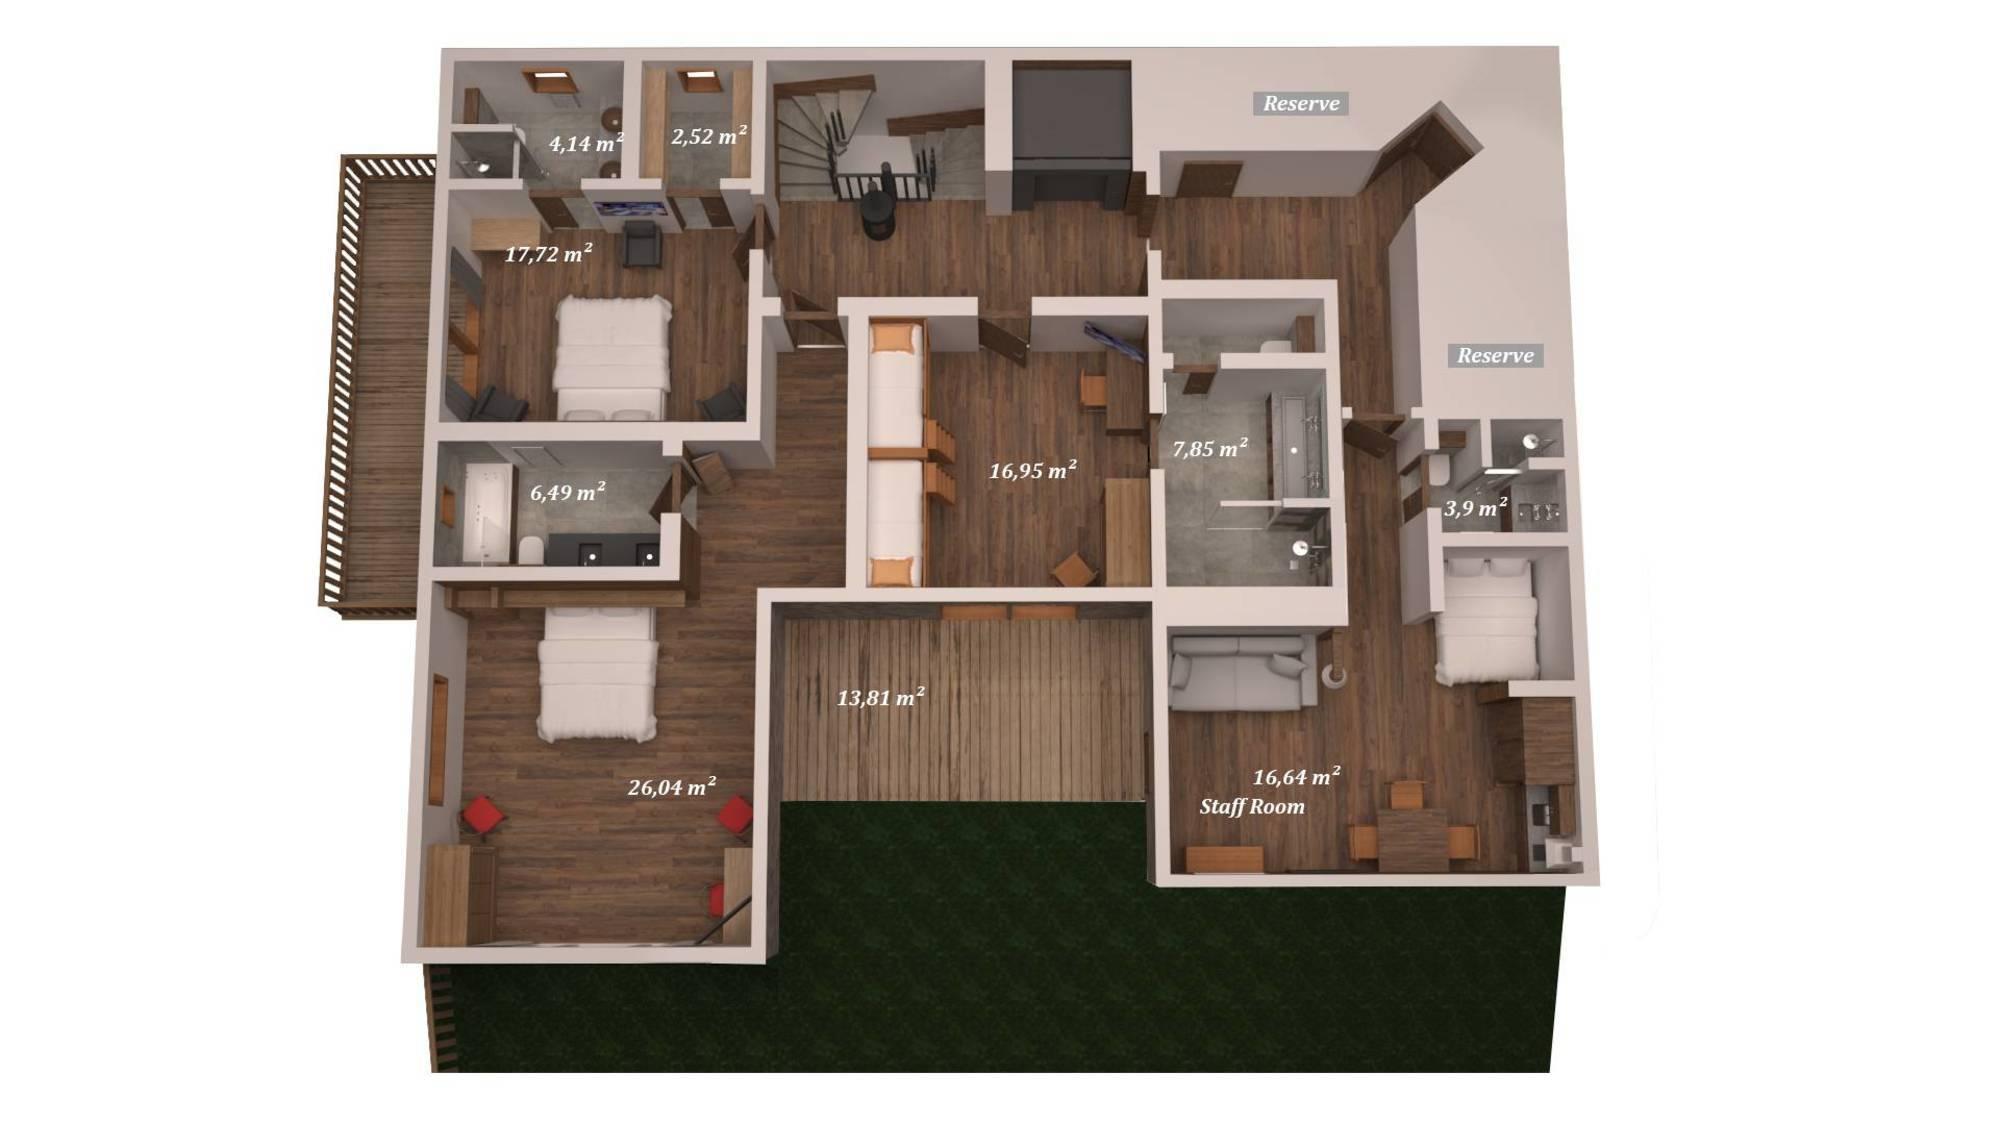 Chalet Queen Mijane Meribel Floor Plan 2